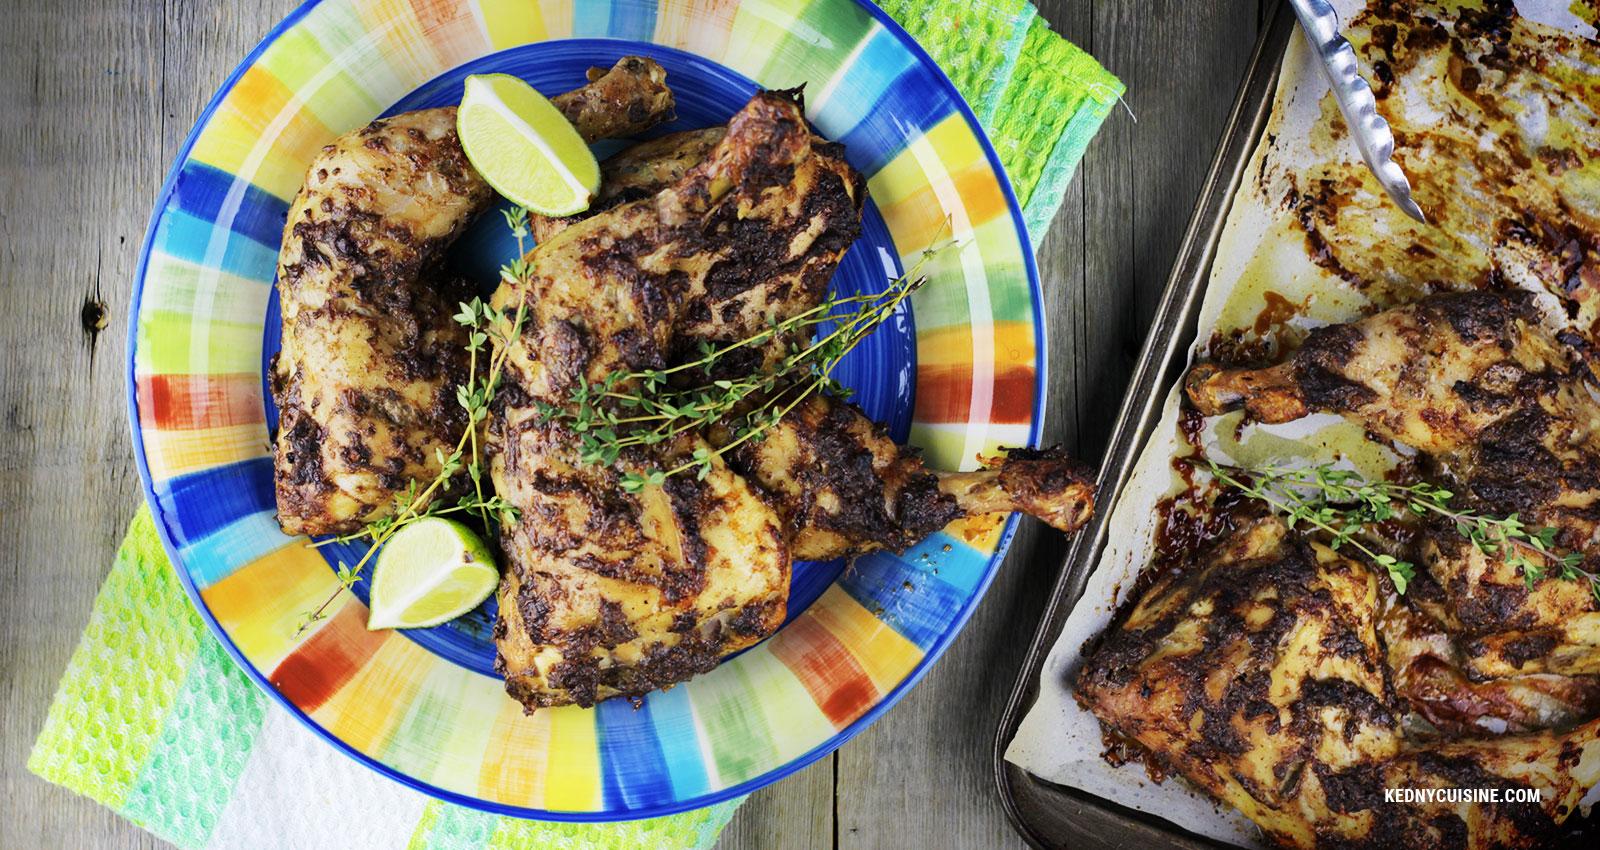 Cuisses de poulet jerk